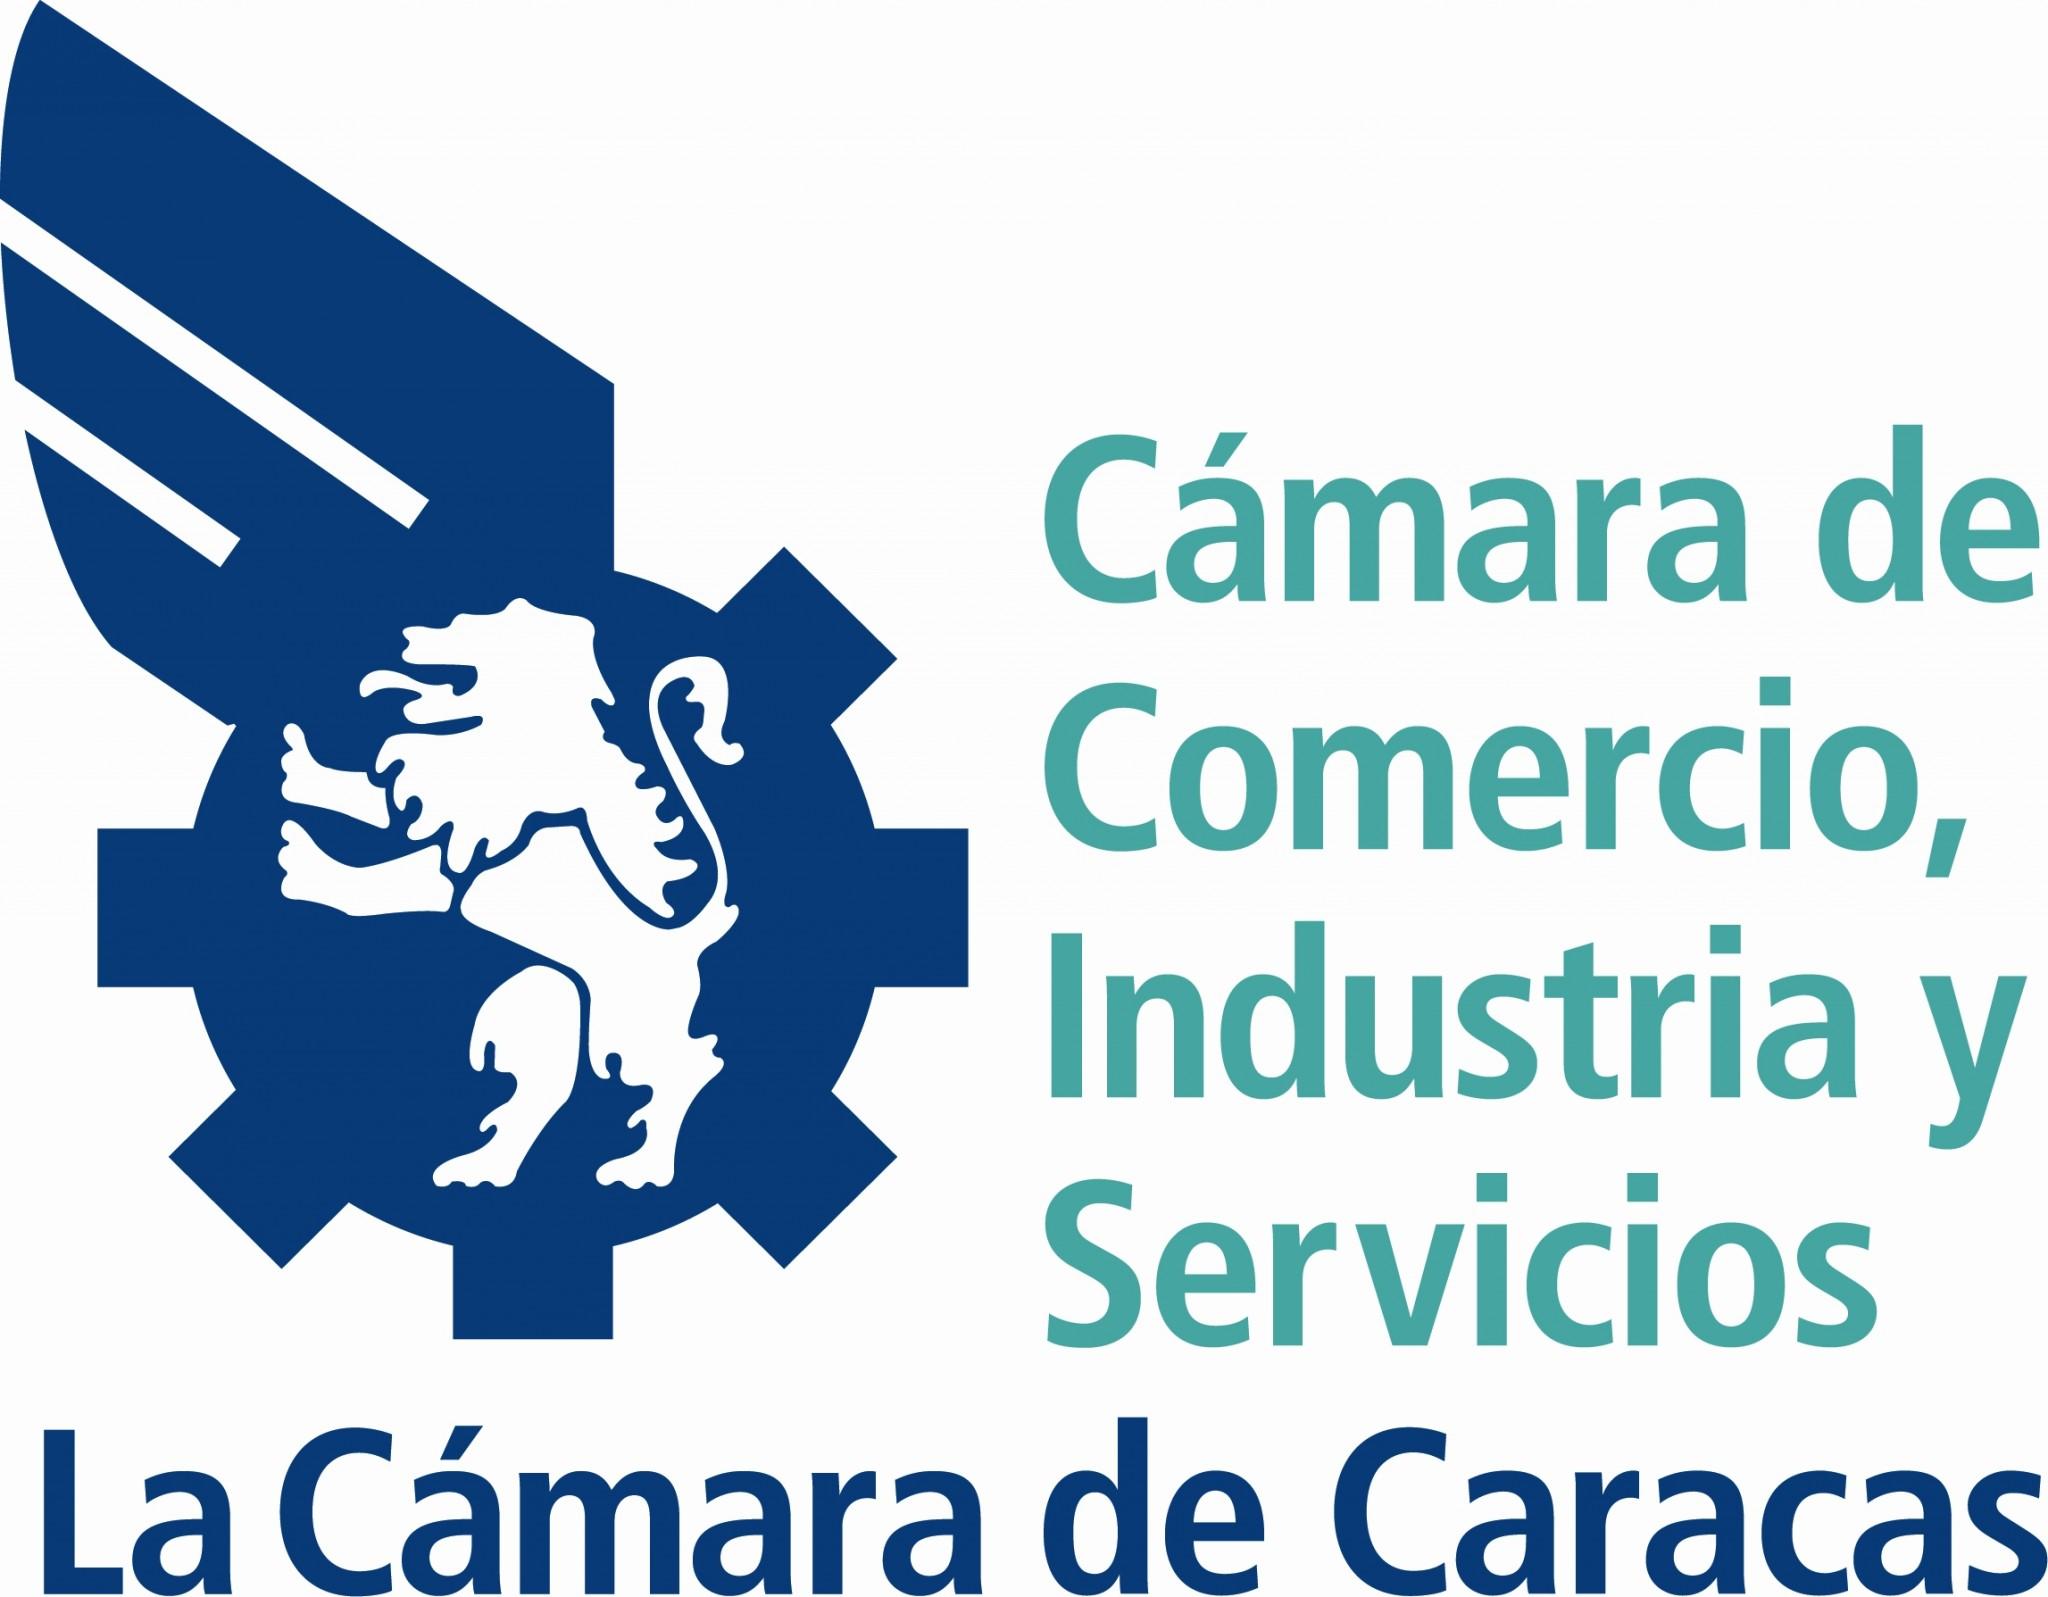 Cámara de Comercio de Caracas